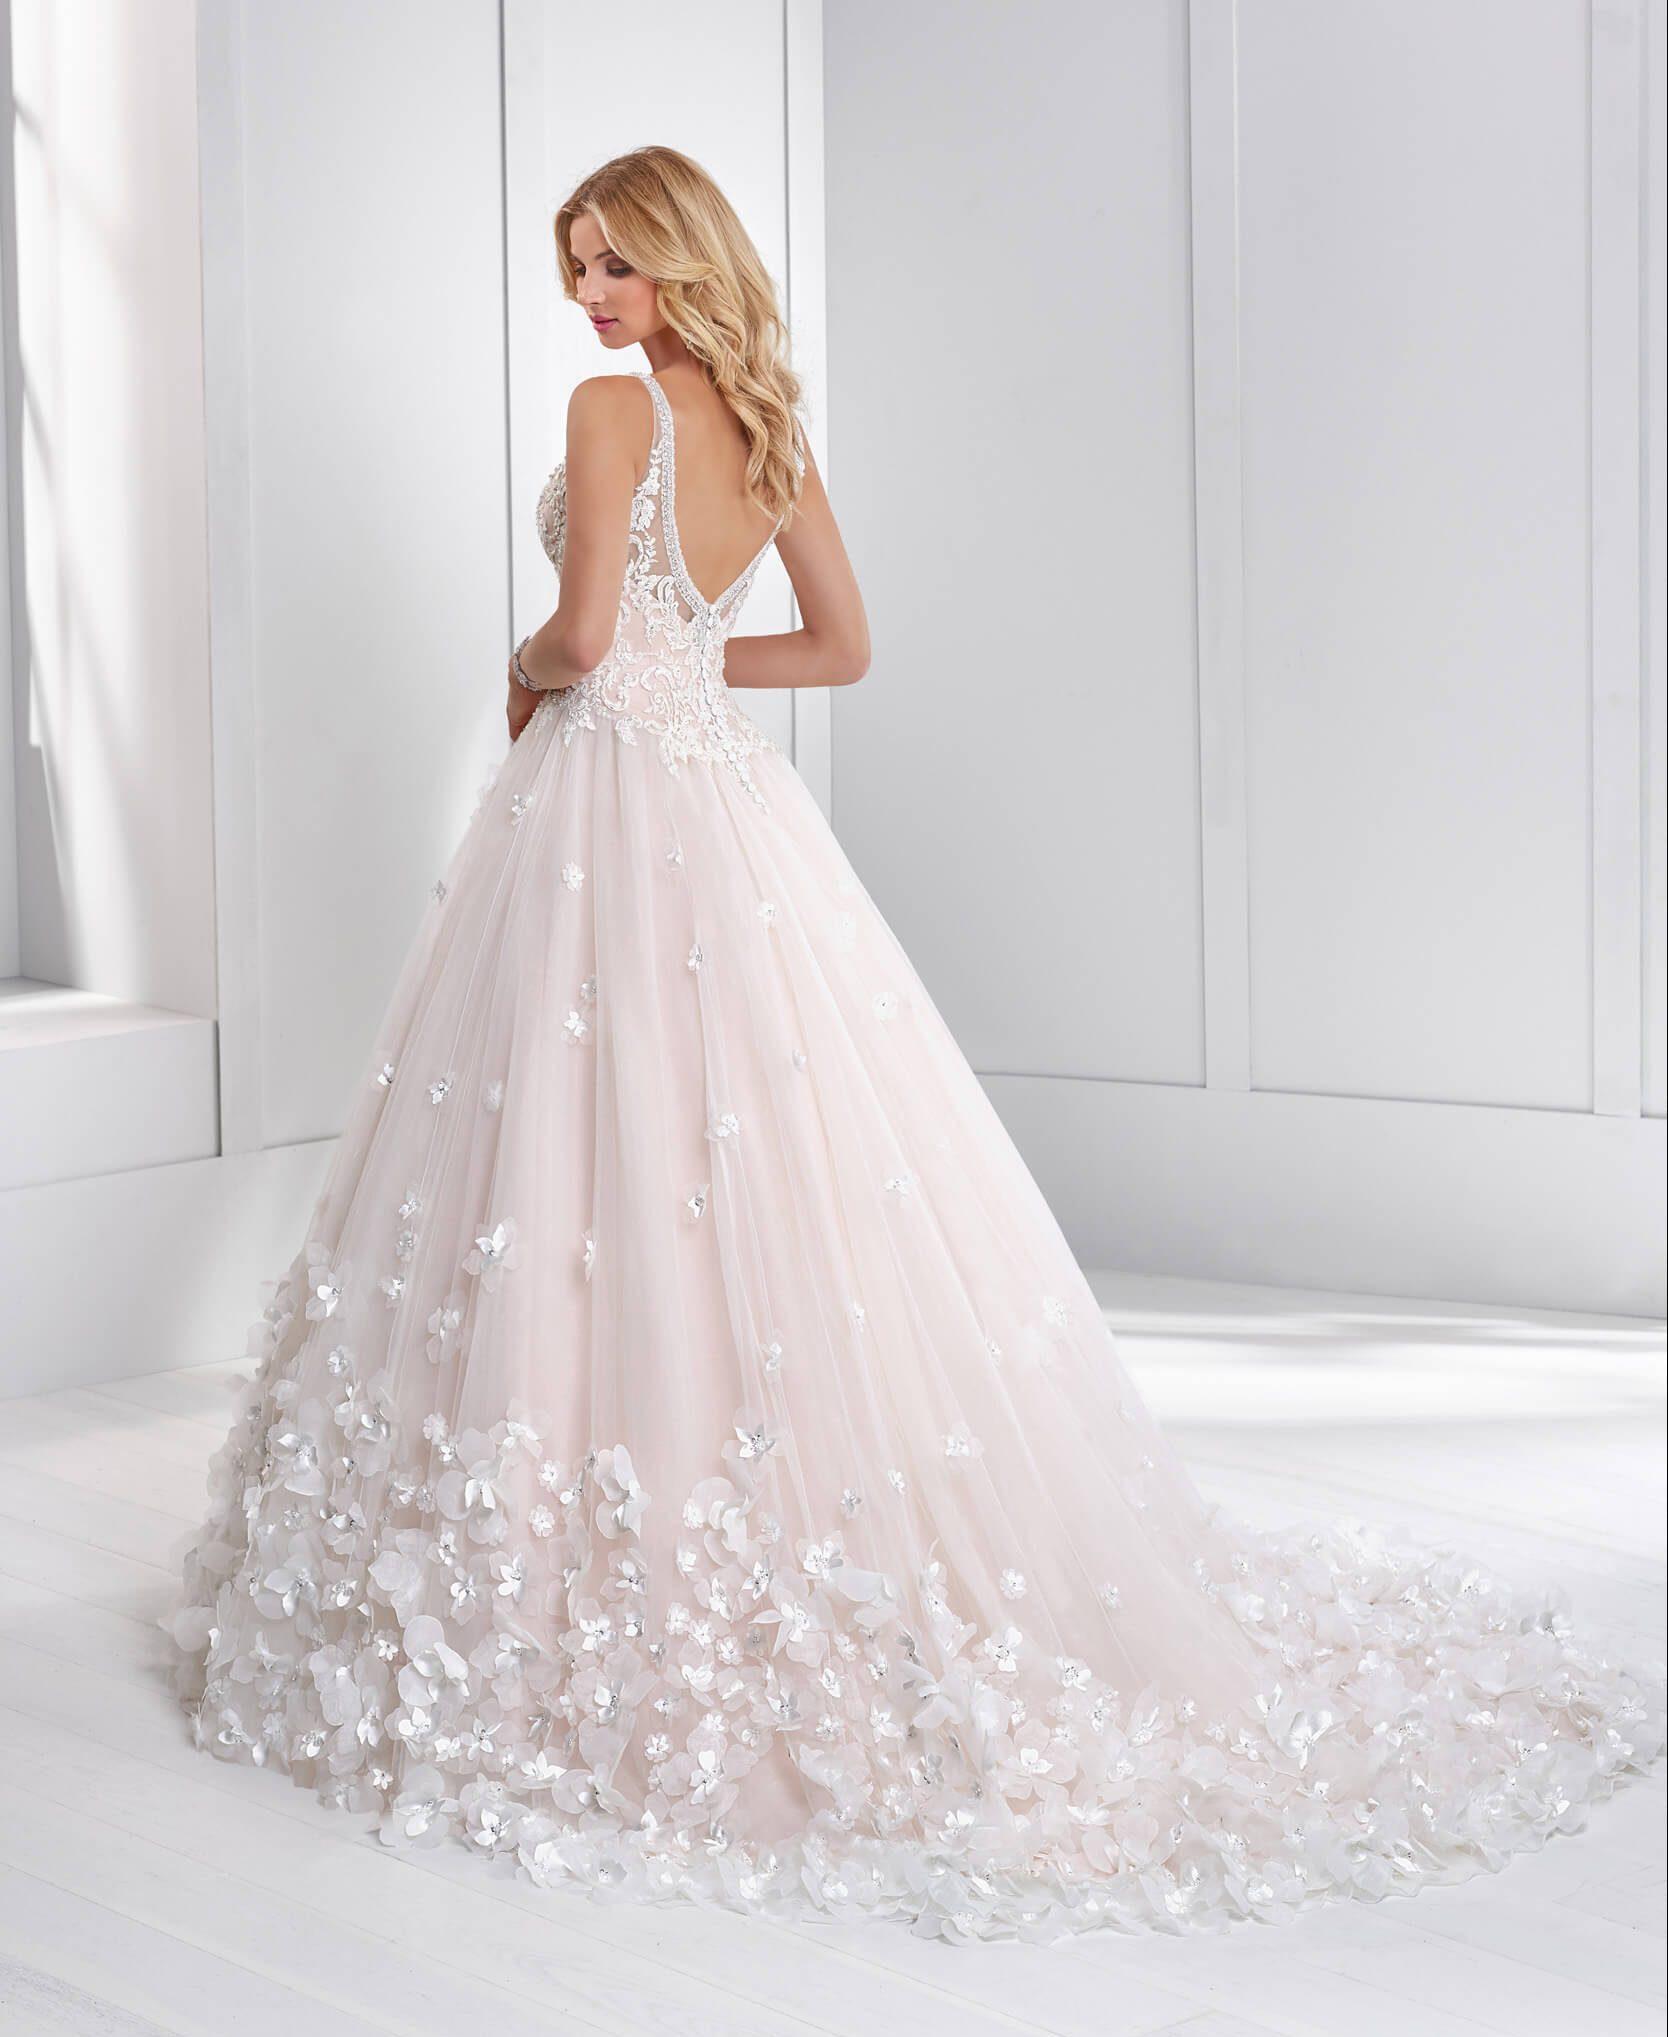 princess_bogata_porocna_obleka_z_naramnicami_rozami_in_cipko